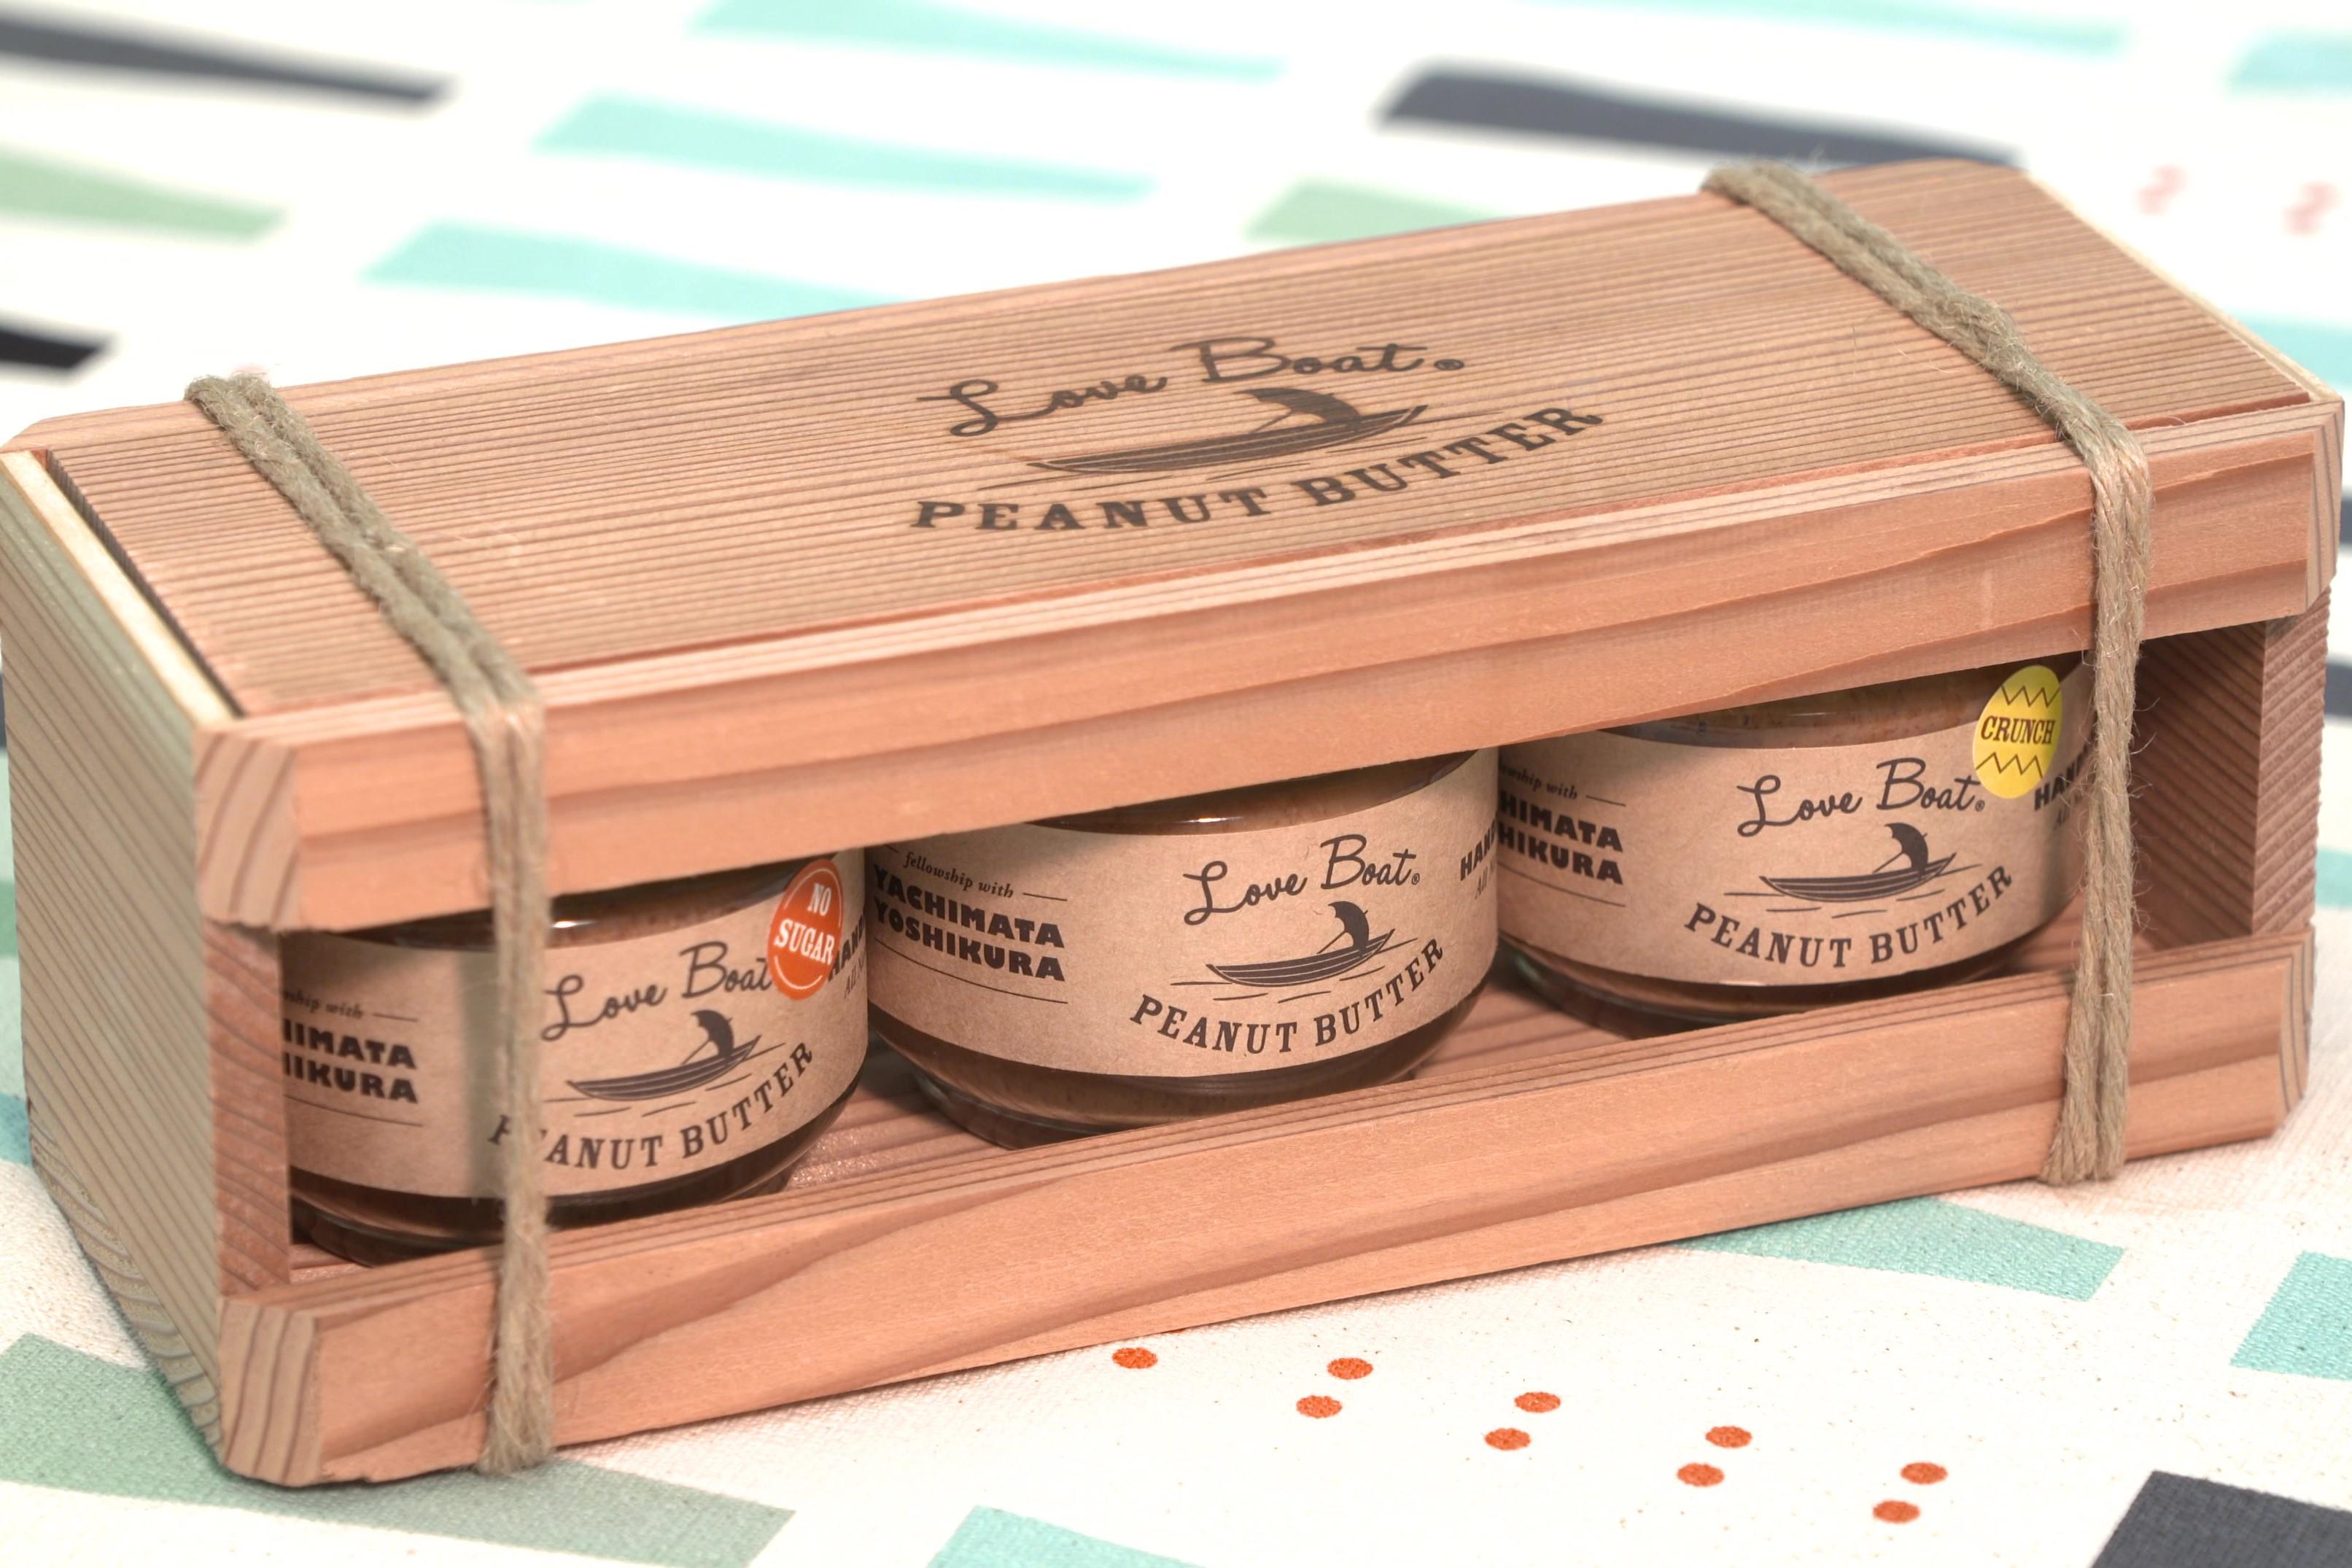 千葉県八街市の高級品種「千葉半立」のみを使用。山武杉の贅沢な箱に入れた「LoveBoatピーナッツバターギフトセット」(送料込み)